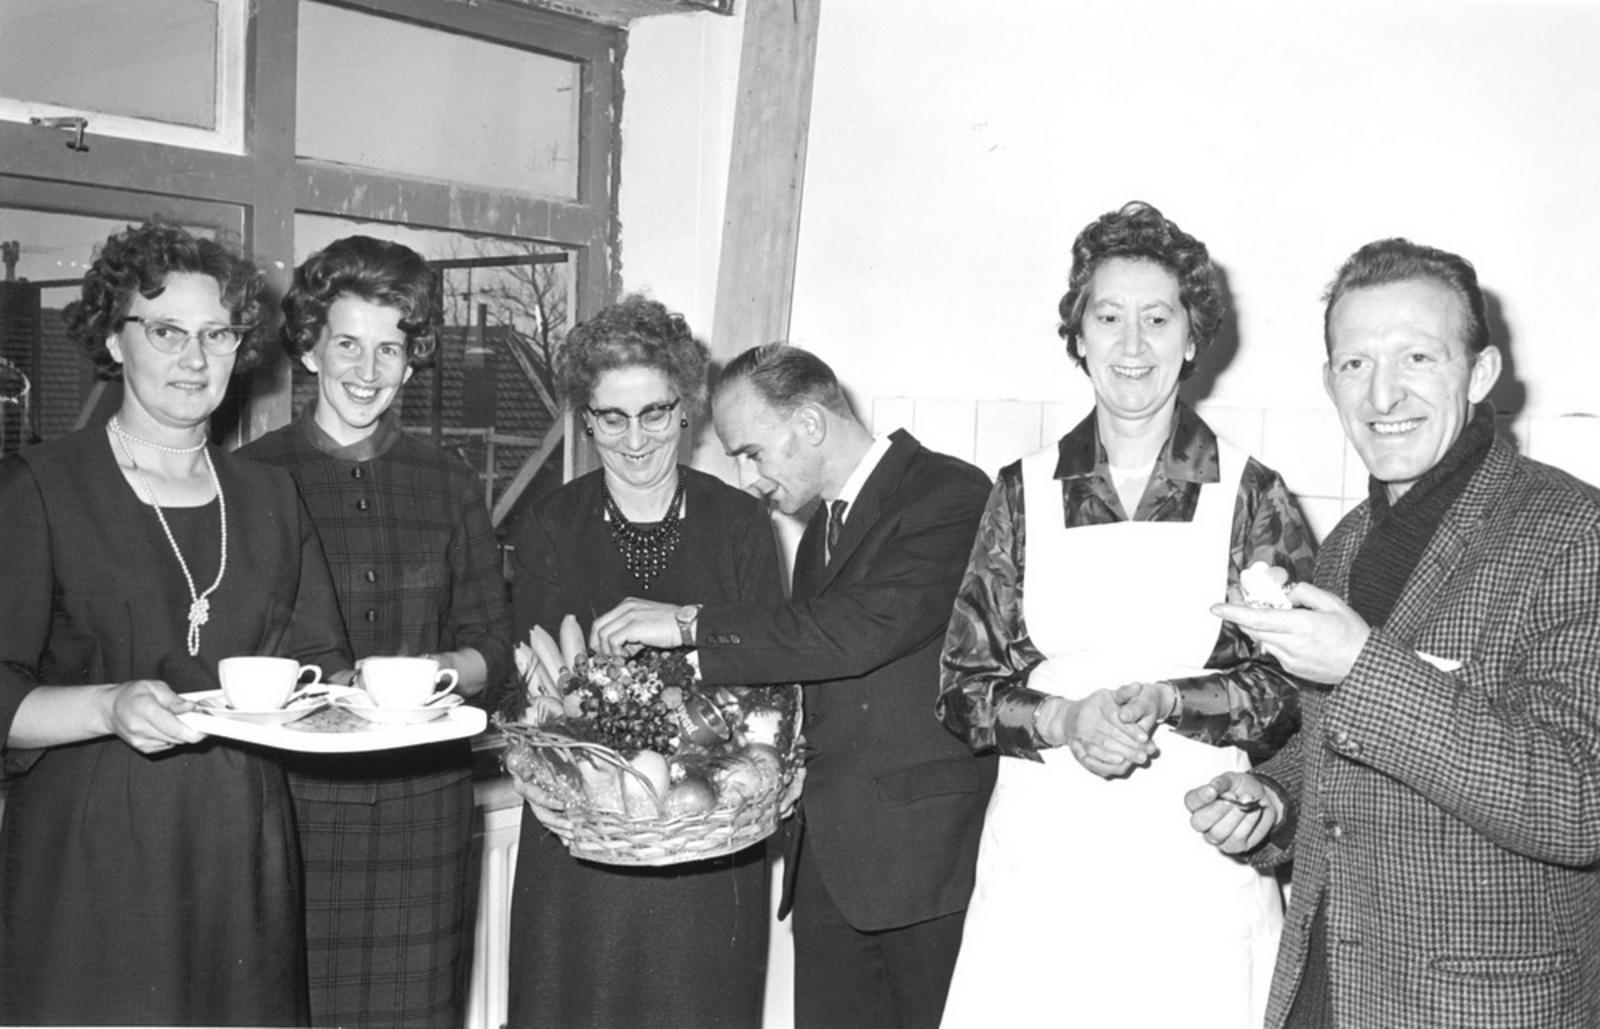 Marktlaan O 0022 1963 Opening Nieuwe Winkel Kraak 12